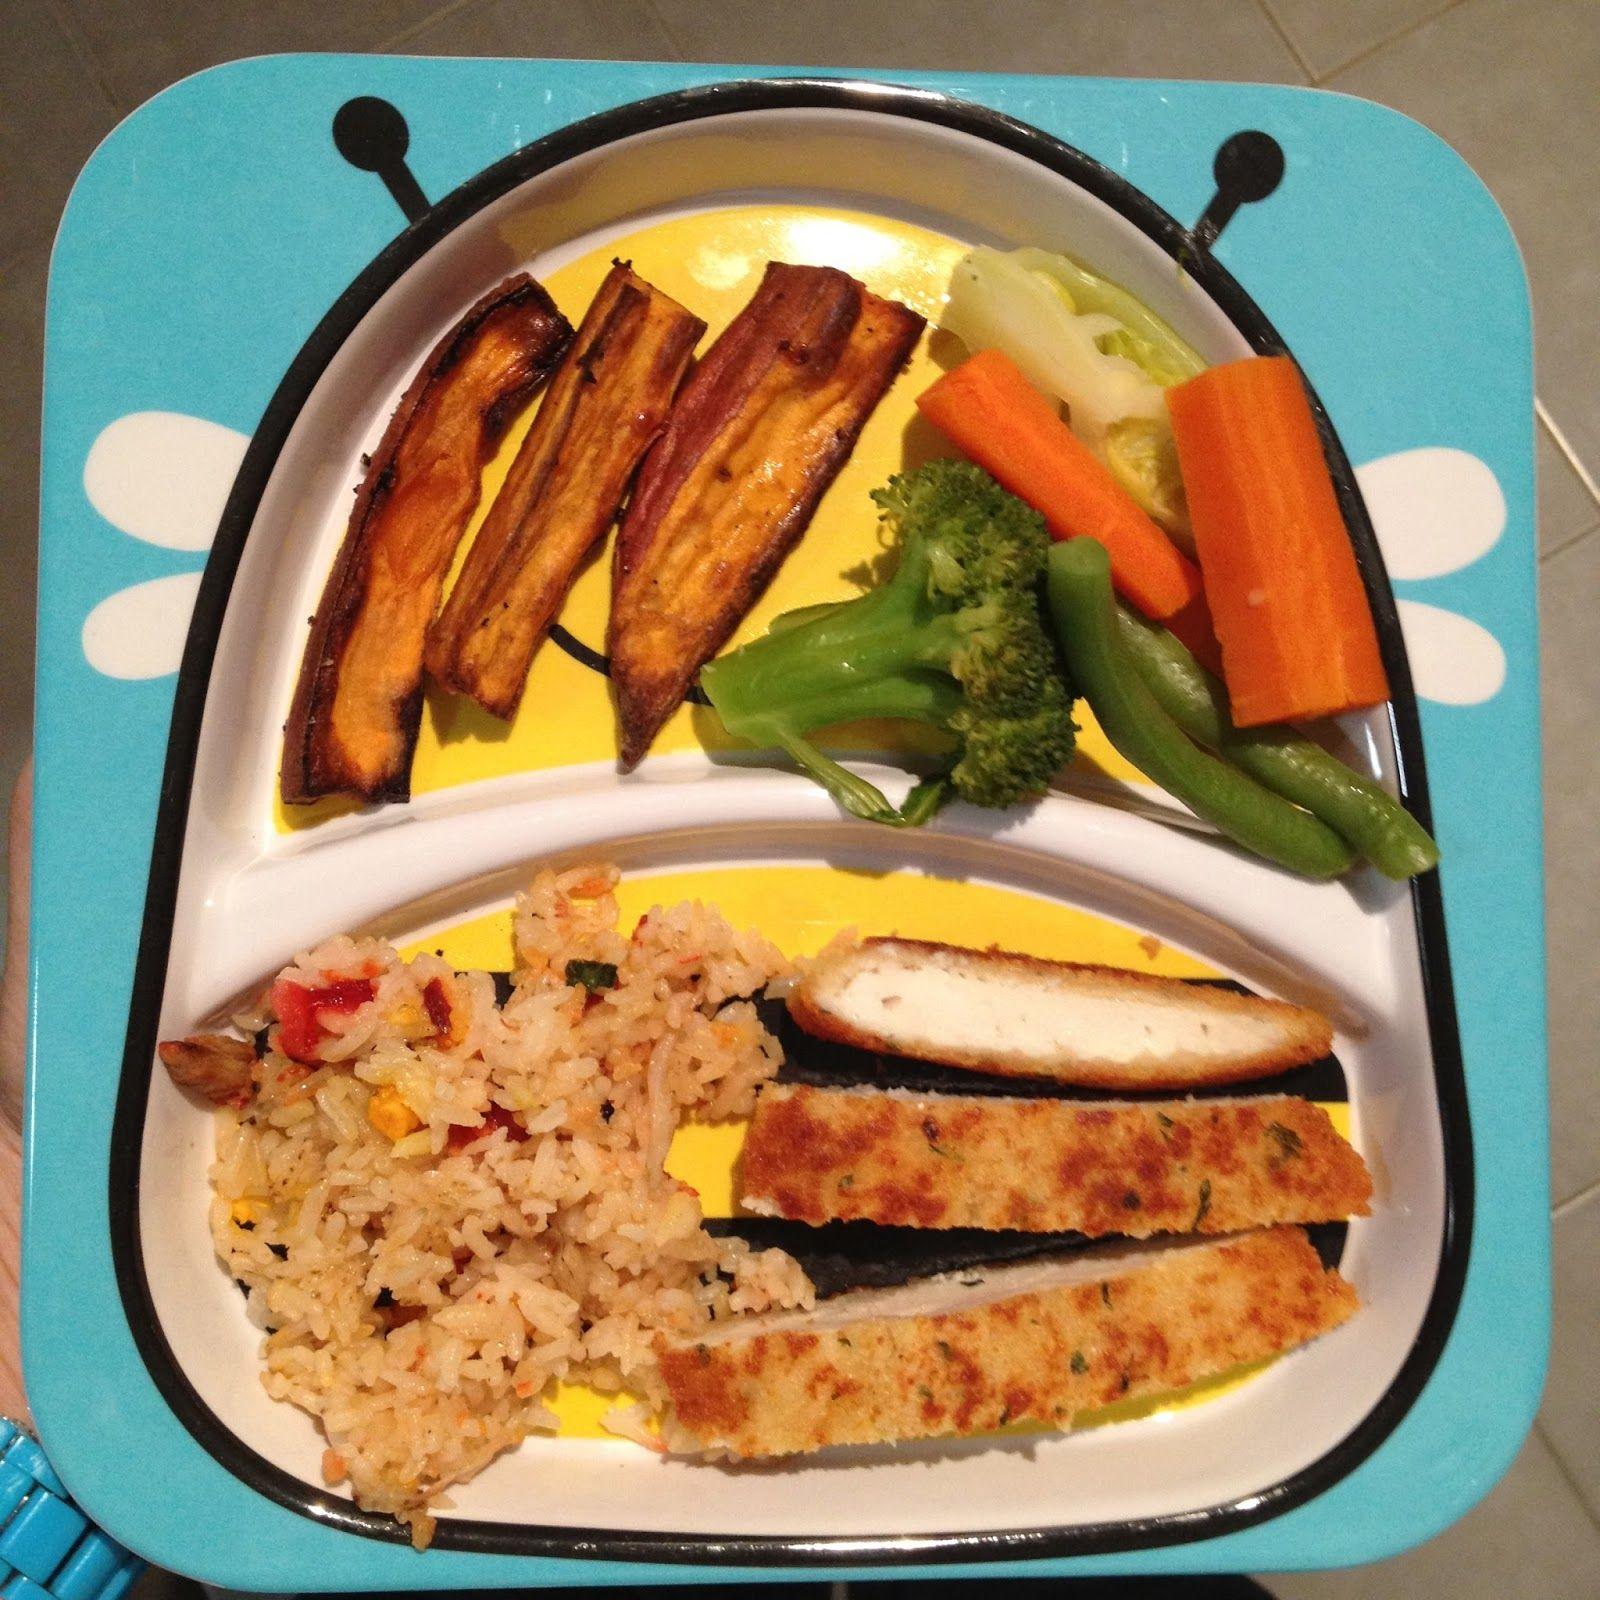 So Many Toddler Breakfast Lunch Dinner Ideas